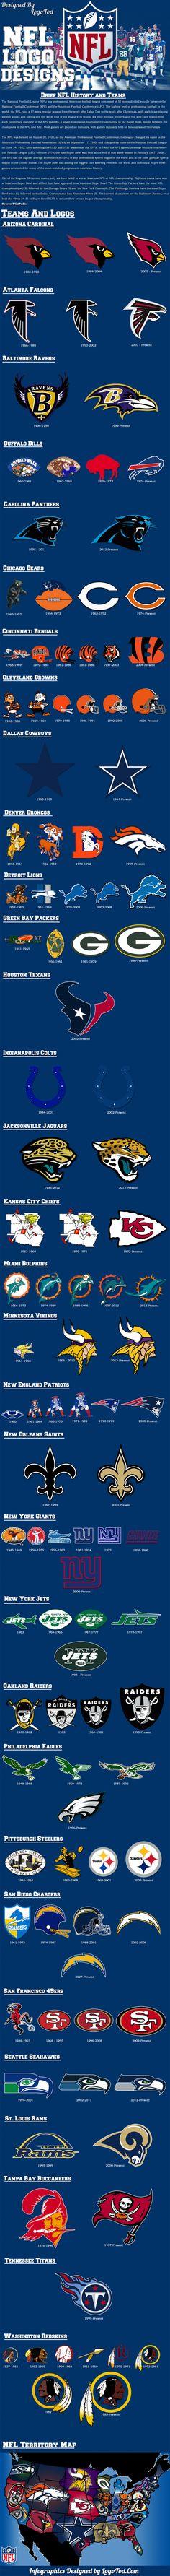 Evolucion logos de la NFL